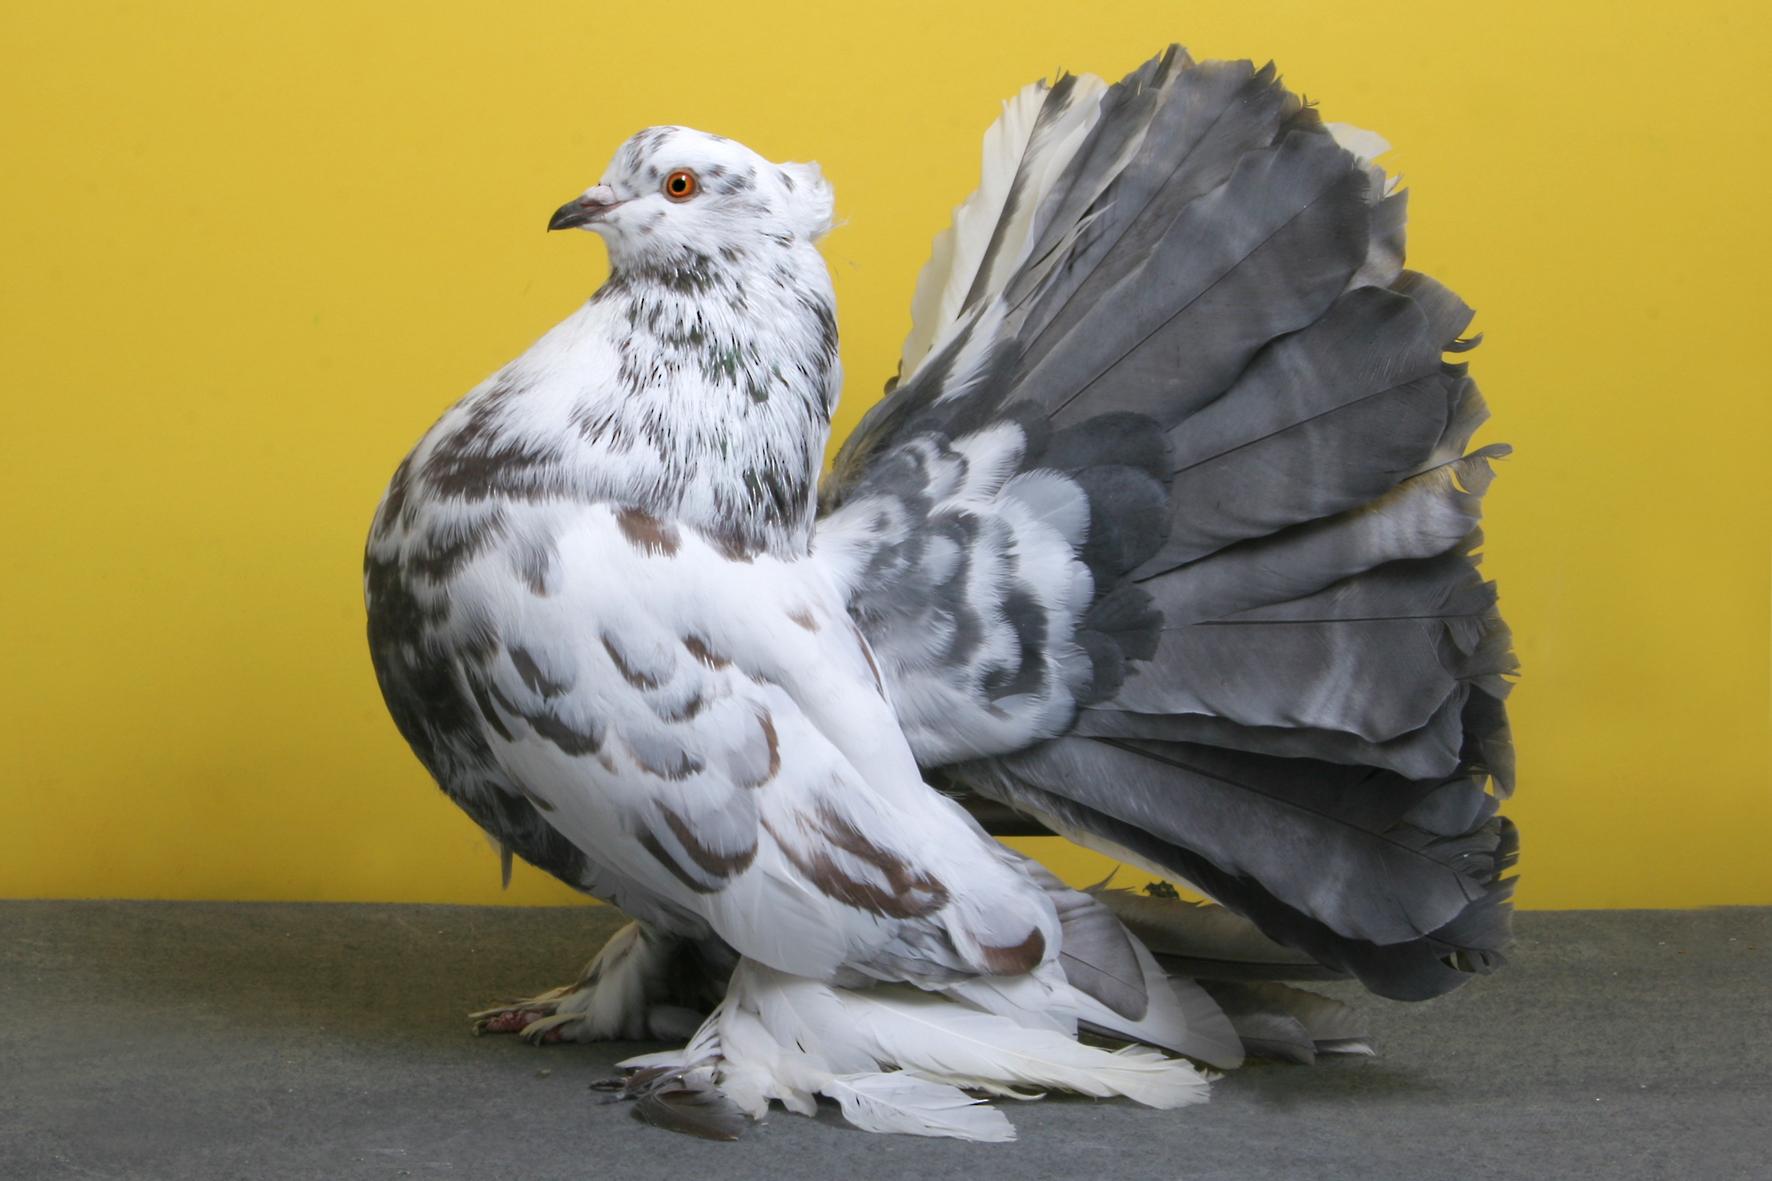 Et si la Snes mini devenait réalité - Page 2 Pigeon-concours-beaute-champion-oiseau-01